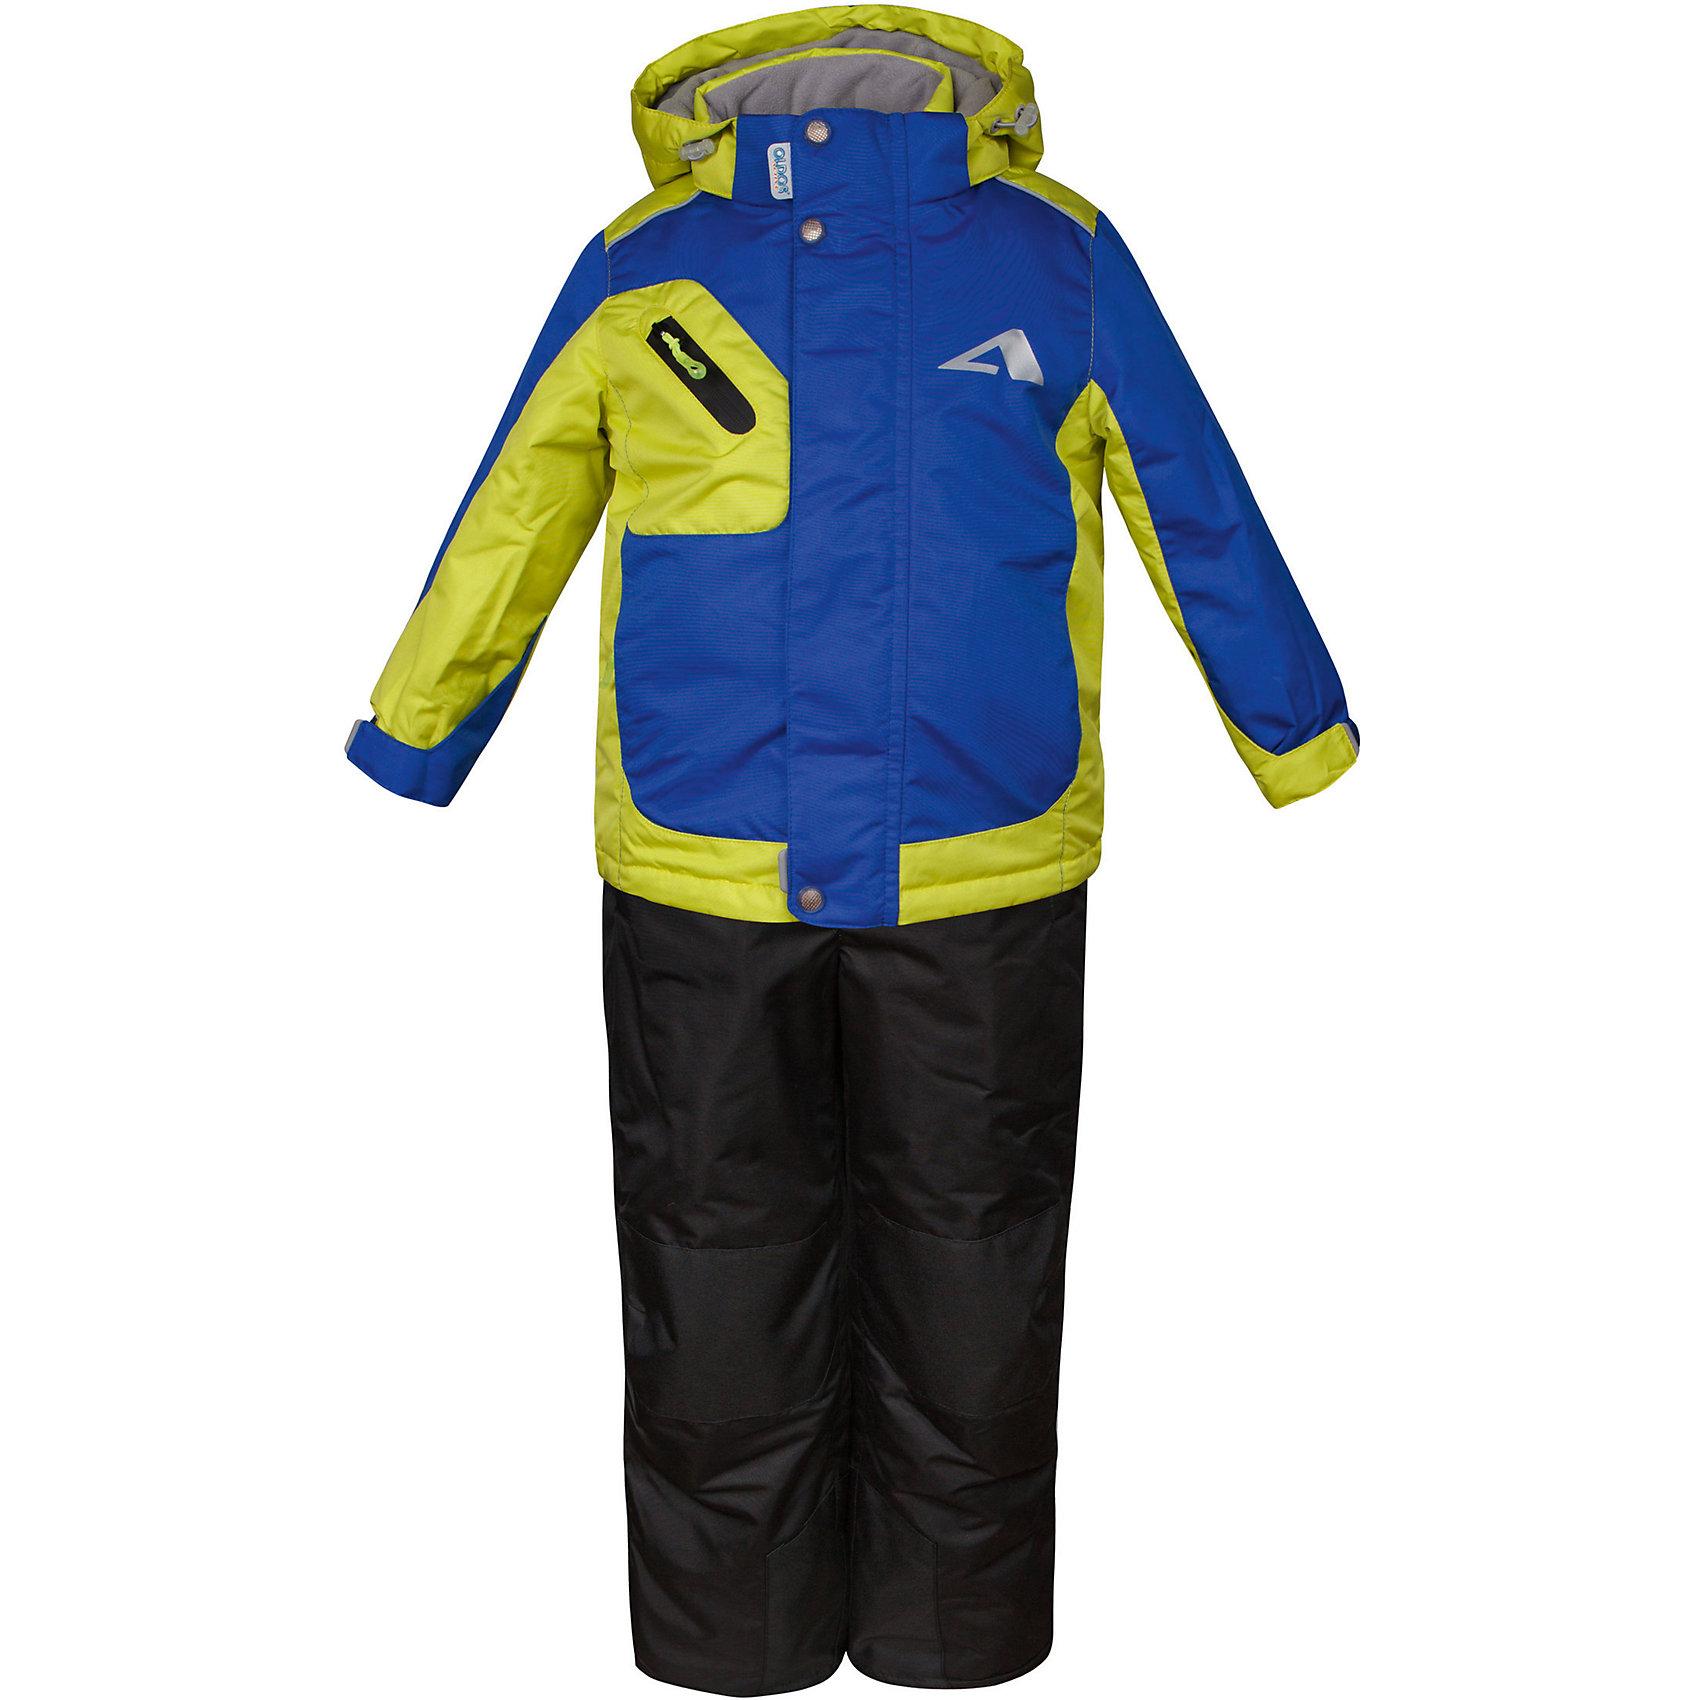 Комплект: куртка и полукомбинезон Ларс OLDOS для мальчикаВерхняя одежда<br>Характеристики товара:<br><br>• цвет: зеленый<br>• комплектация: куртка и полукомбинезон<br>• состав ткани: полиэстер, Teflon<br>• подкладка: флис<br>• утеплитель: Hollofan pro<br>• сезон: зима<br>• мембранное покрытие<br>• температурный режим: от -30 до +5<br>• водонепроницаемость: 5000 мм <br>• паропроницаемость: 5000 г/м2<br>• плотность утеплителя: куртка - 200 г/м2, полукомбинезон - 150 г/м2<br>• застежка: молния<br>• капюшон: без меха, съемный<br>• полукомбинезон усилен износостойкими вставками<br>• страна бренда: Россия<br>• страна изготовитель: Россия<br><br>Легкий и теплый зимний комплект выделяется стильным дизайном и качественными материалами. Детский комплект для мальчика дополнен элементами, помогающими скорректировать размер точно под ребенка. Детский зимний комплект создан с применением мембранной технологии, поэтому обеспечивает отличную терморегуляцию. <br><br>Комплект: куртка и полукомбинезон Ларс Oldos (Олдос) для мальчика можно купить в нашем интернет-магазине.<br><br>Ширина мм: 356<br>Глубина мм: 10<br>Высота мм: 245<br>Вес г: 519<br>Цвет: синий<br>Возраст от месяцев: 18<br>Возраст до месяцев: 24<br>Пол: Мужской<br>Возраст: Детский<br>Размер: 92,140,134,128,122,116,110,104,98<br>SKU: 7015696